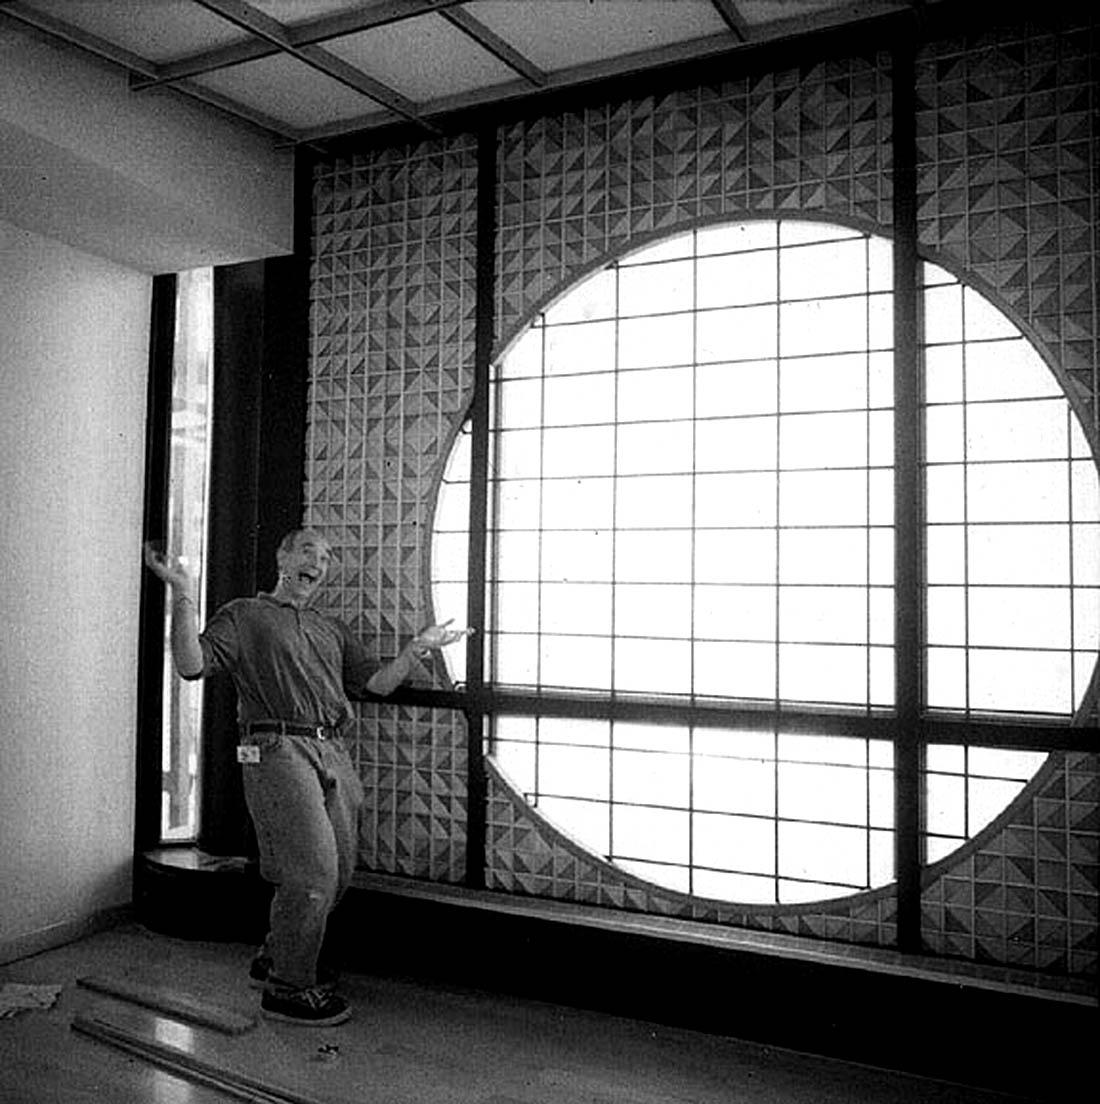 Umb Zen Garden Meeting Room Design And Construction